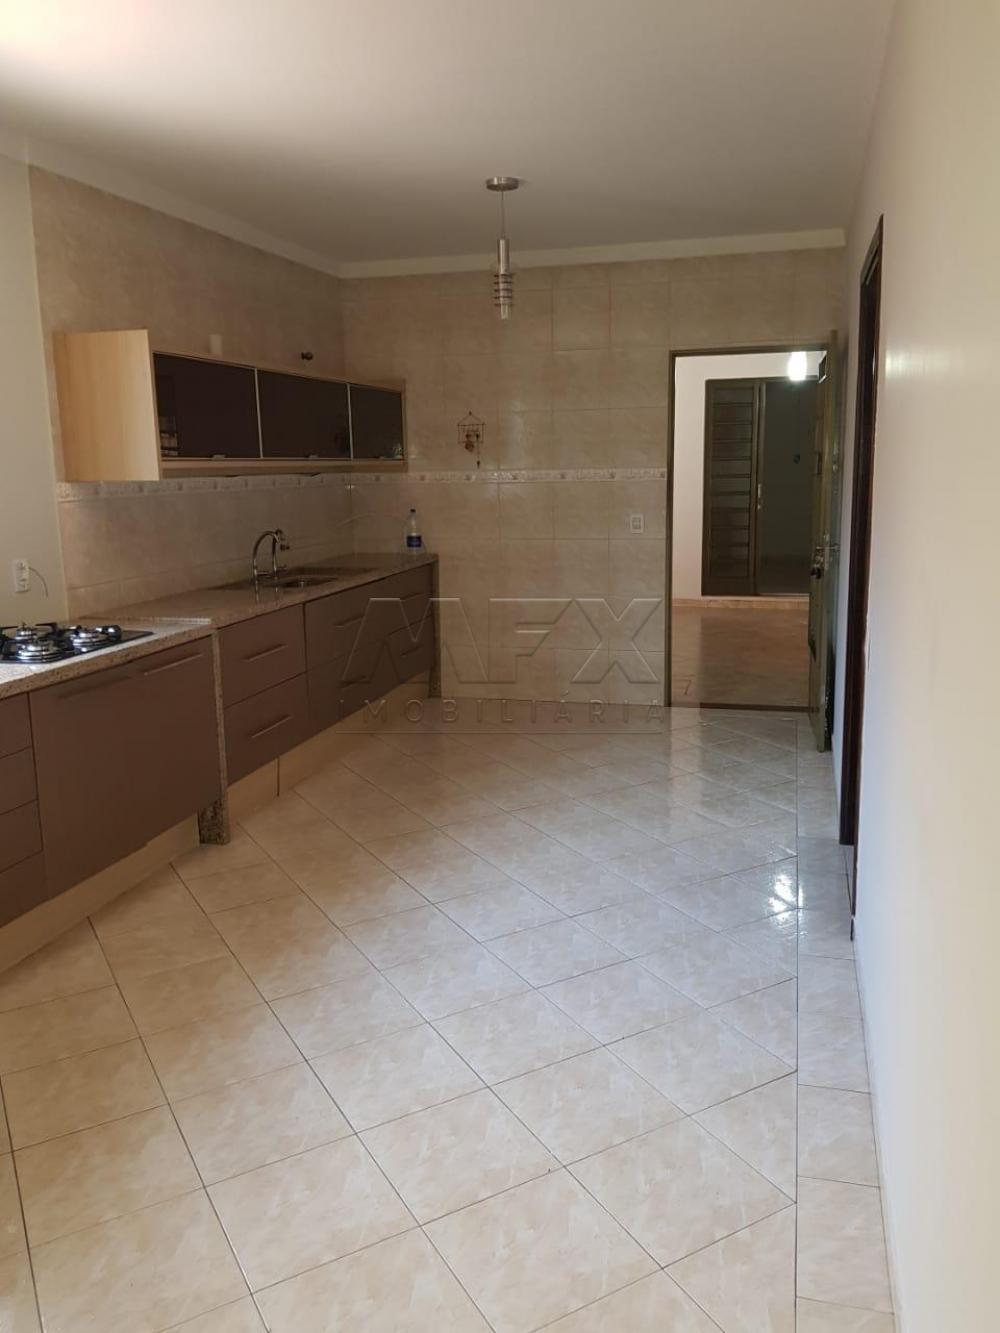 Comprar Casa / Padrão em Bauru apenas R$ 460.000,00 - Foto 7